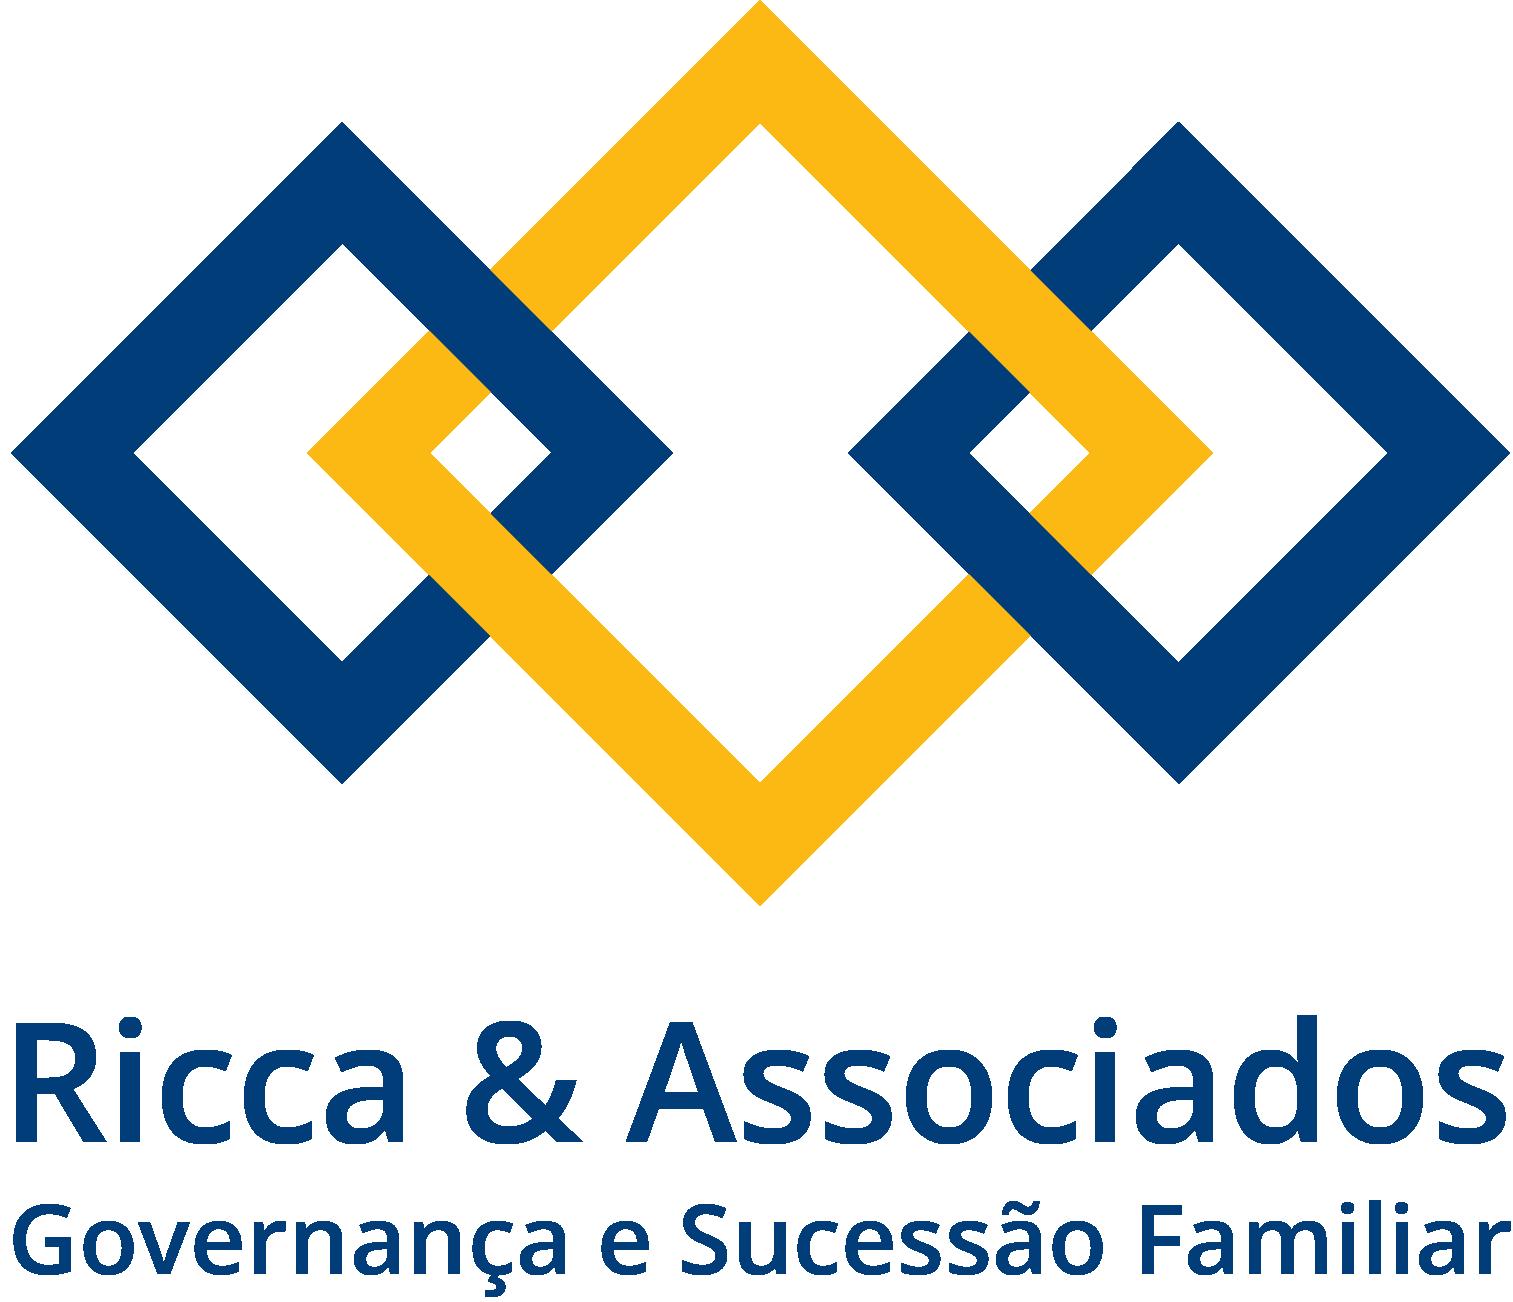 Ricca & Associados Governança e Sucessão familiar